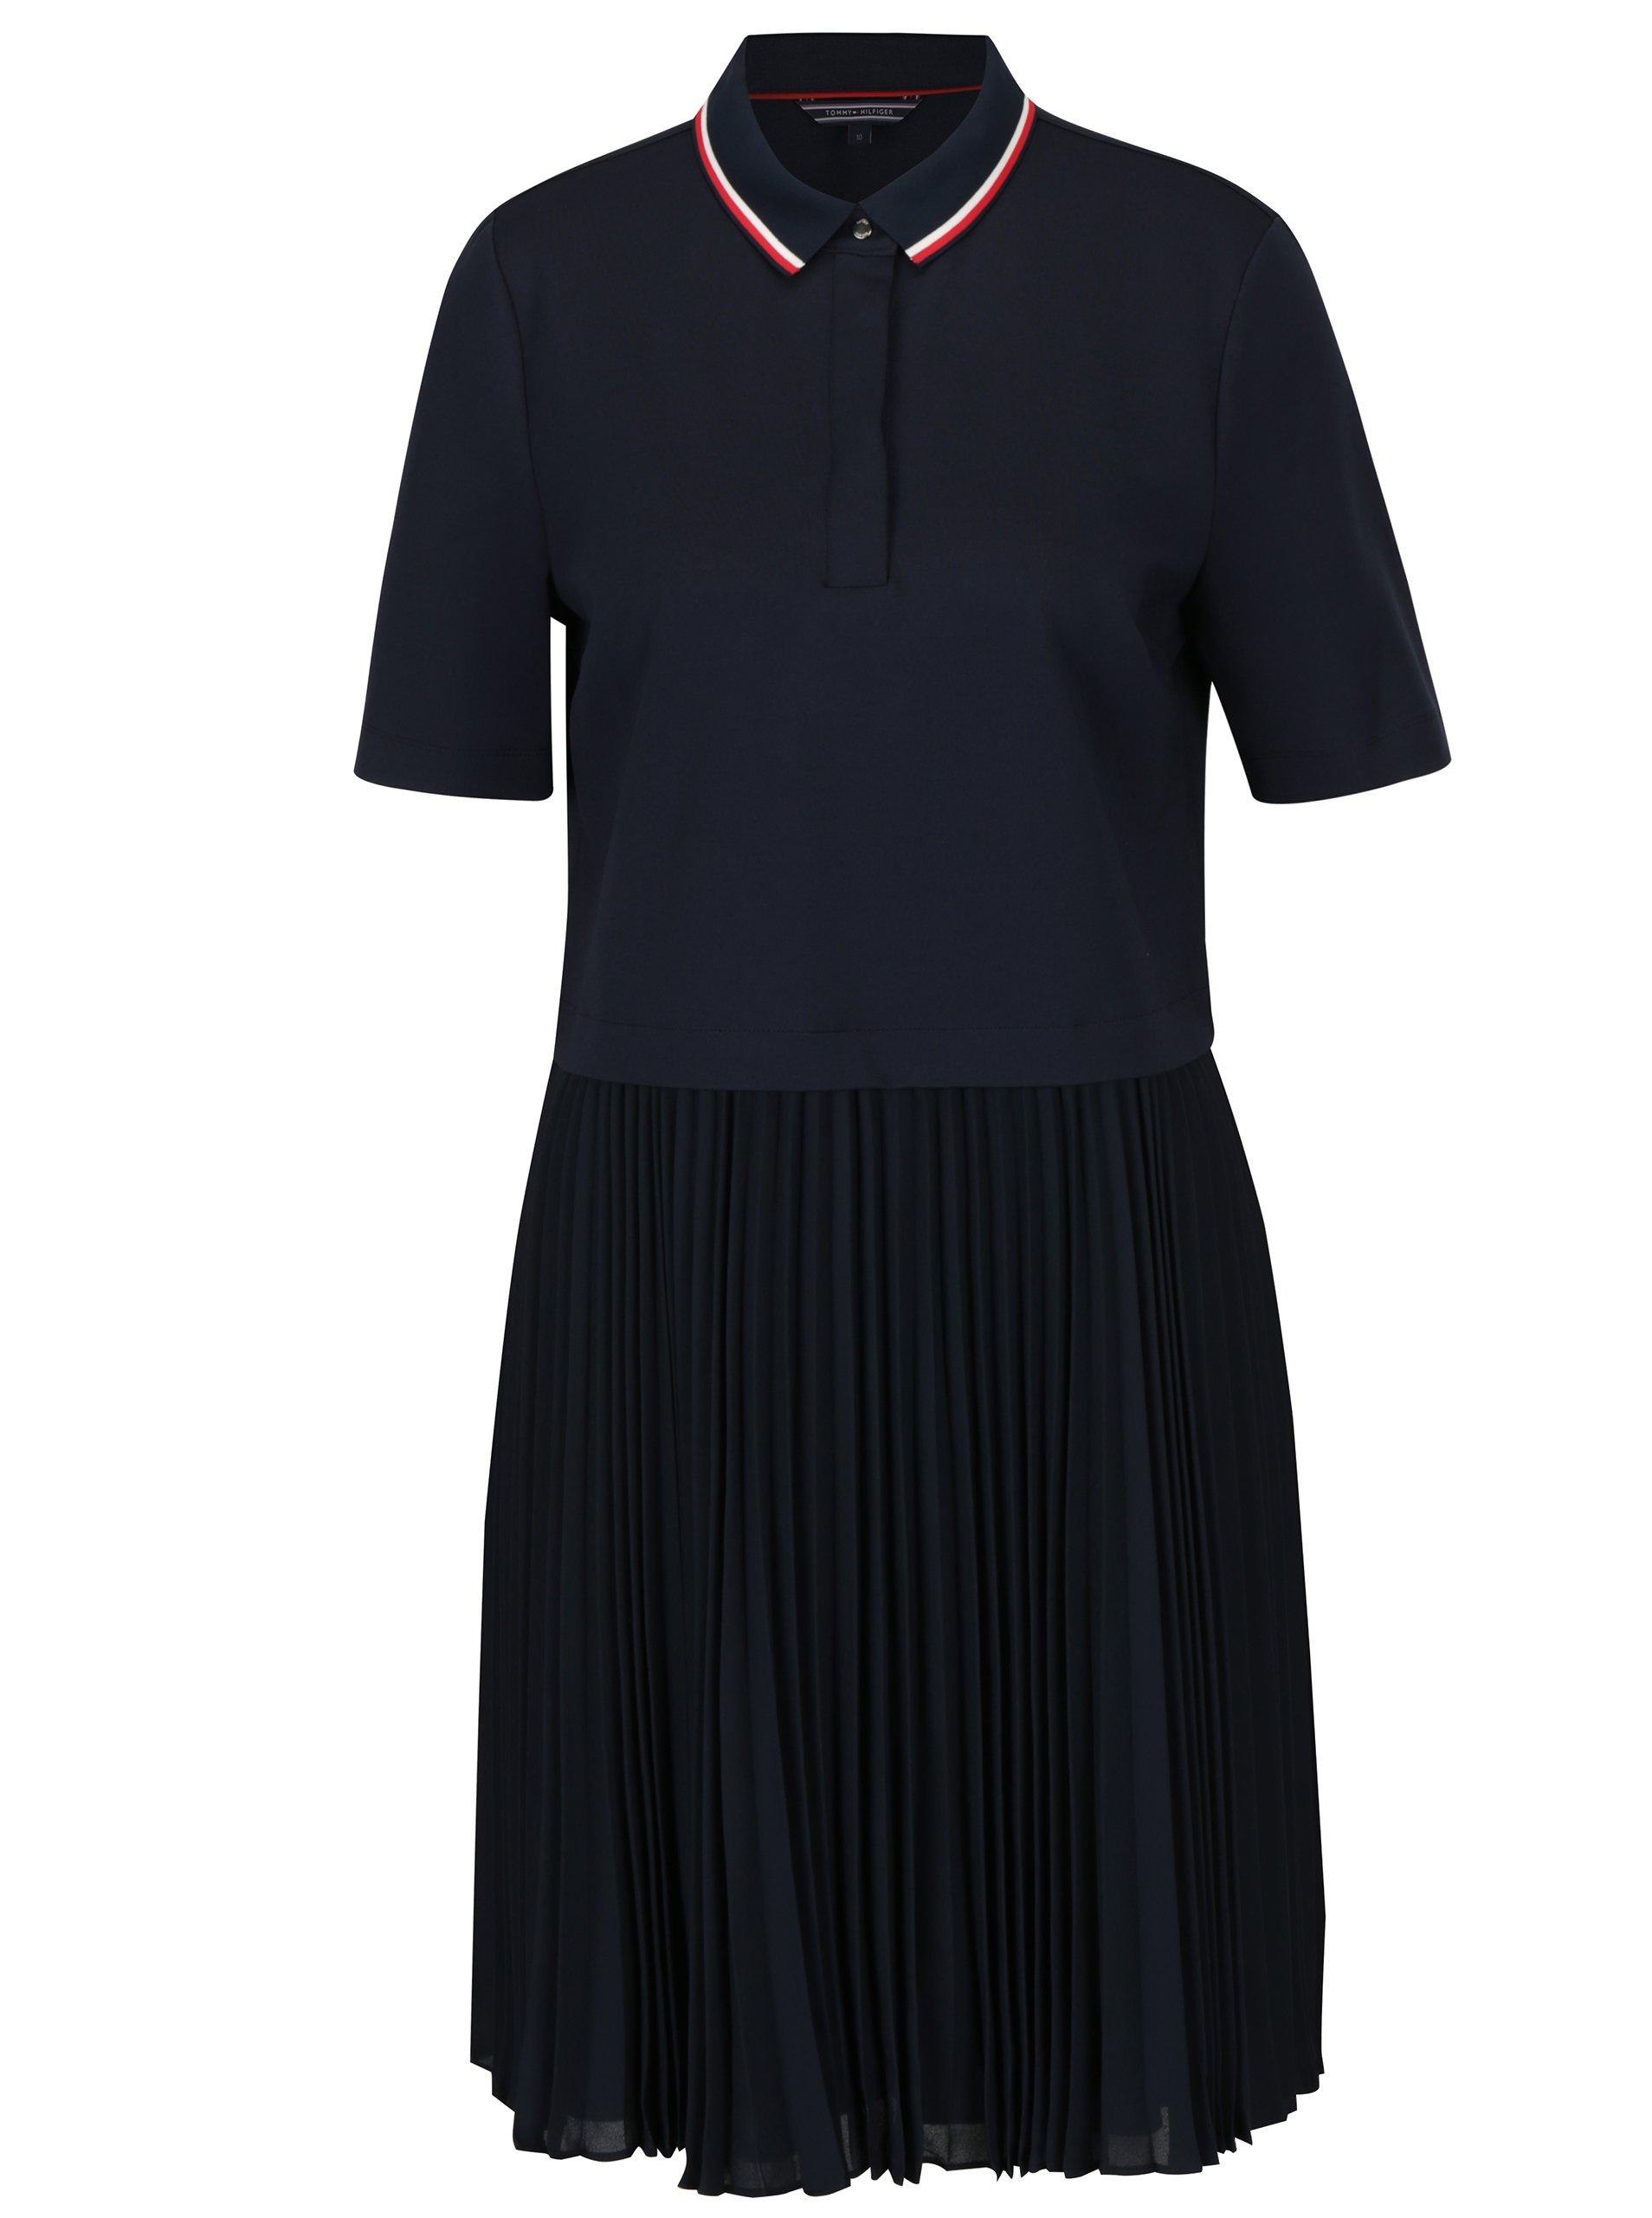 Tmavomodré šaty s golierom a plisovanou sukňou Tommy Hilfiger